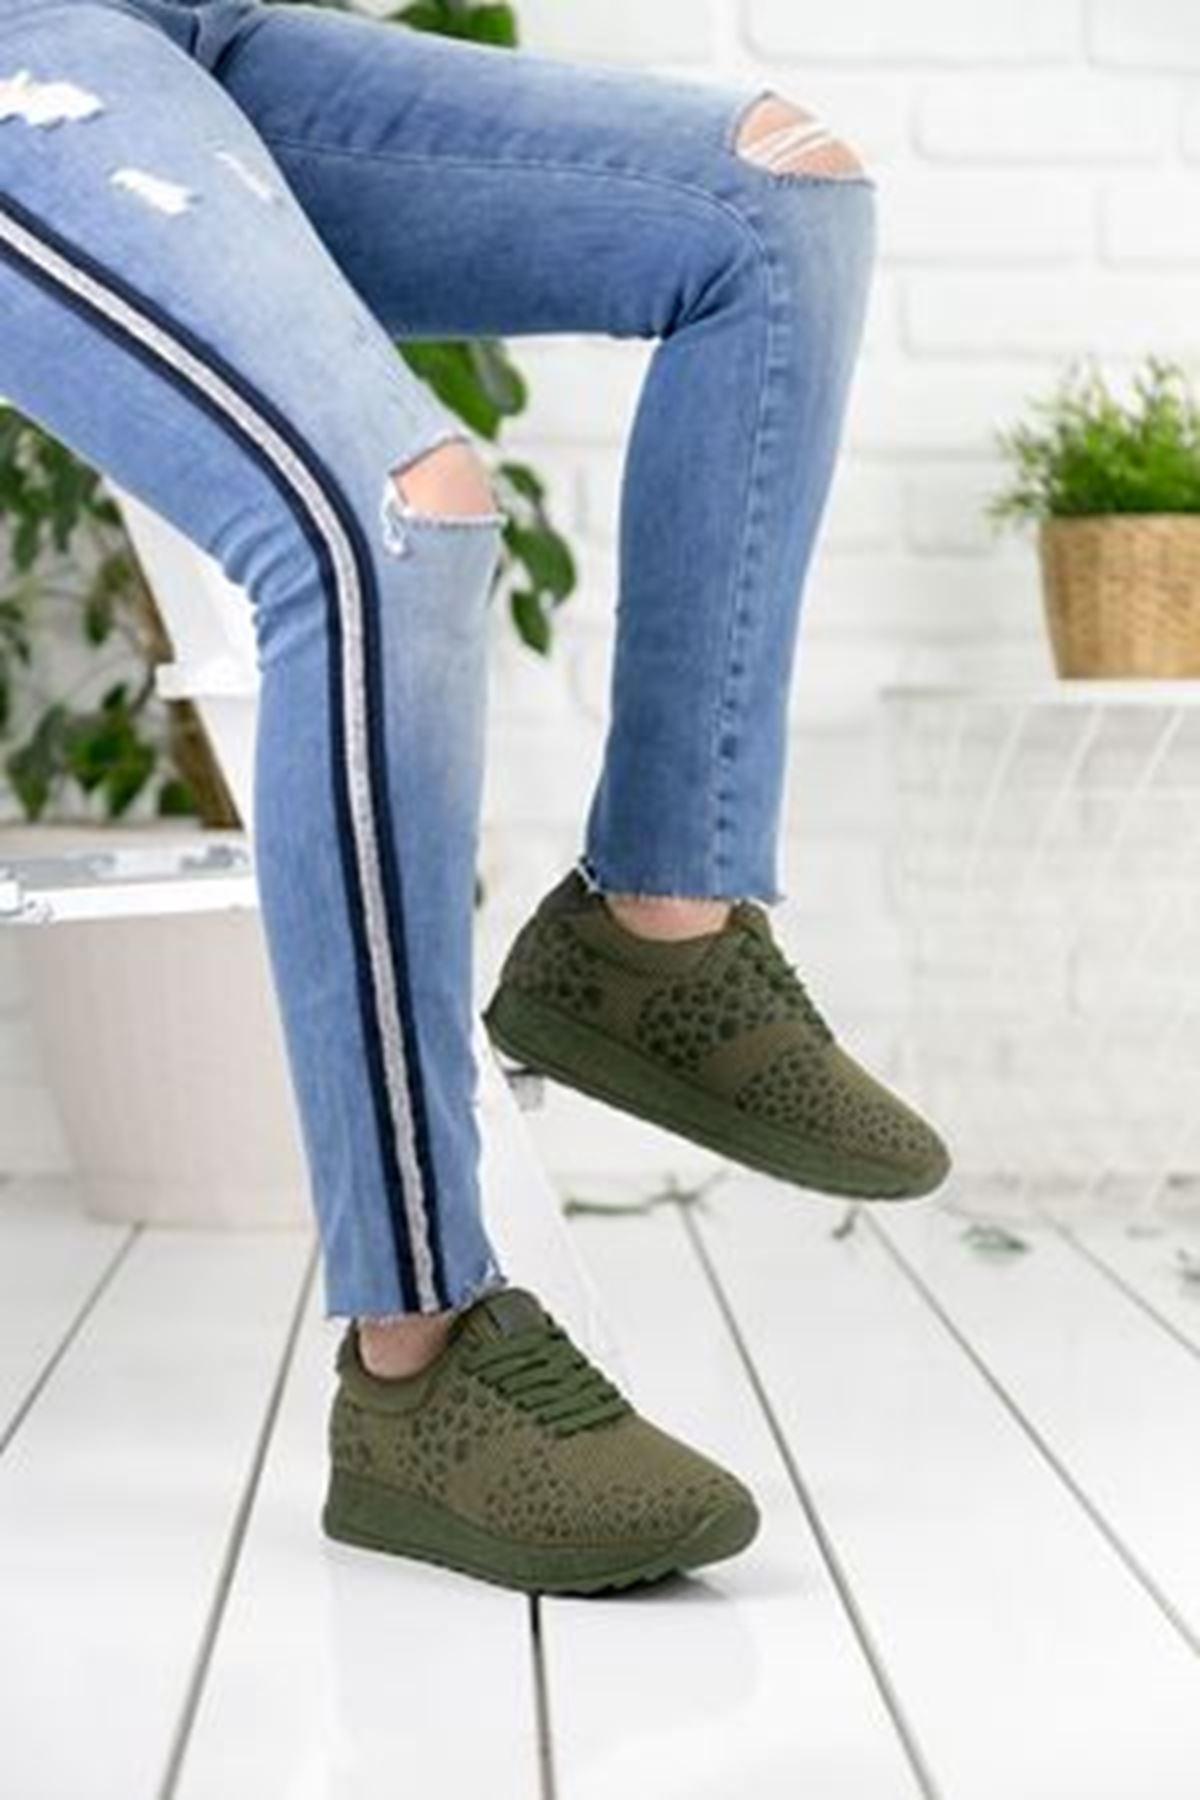 Fancy Haki Ortapedik Bayan Spor Ayakkabı